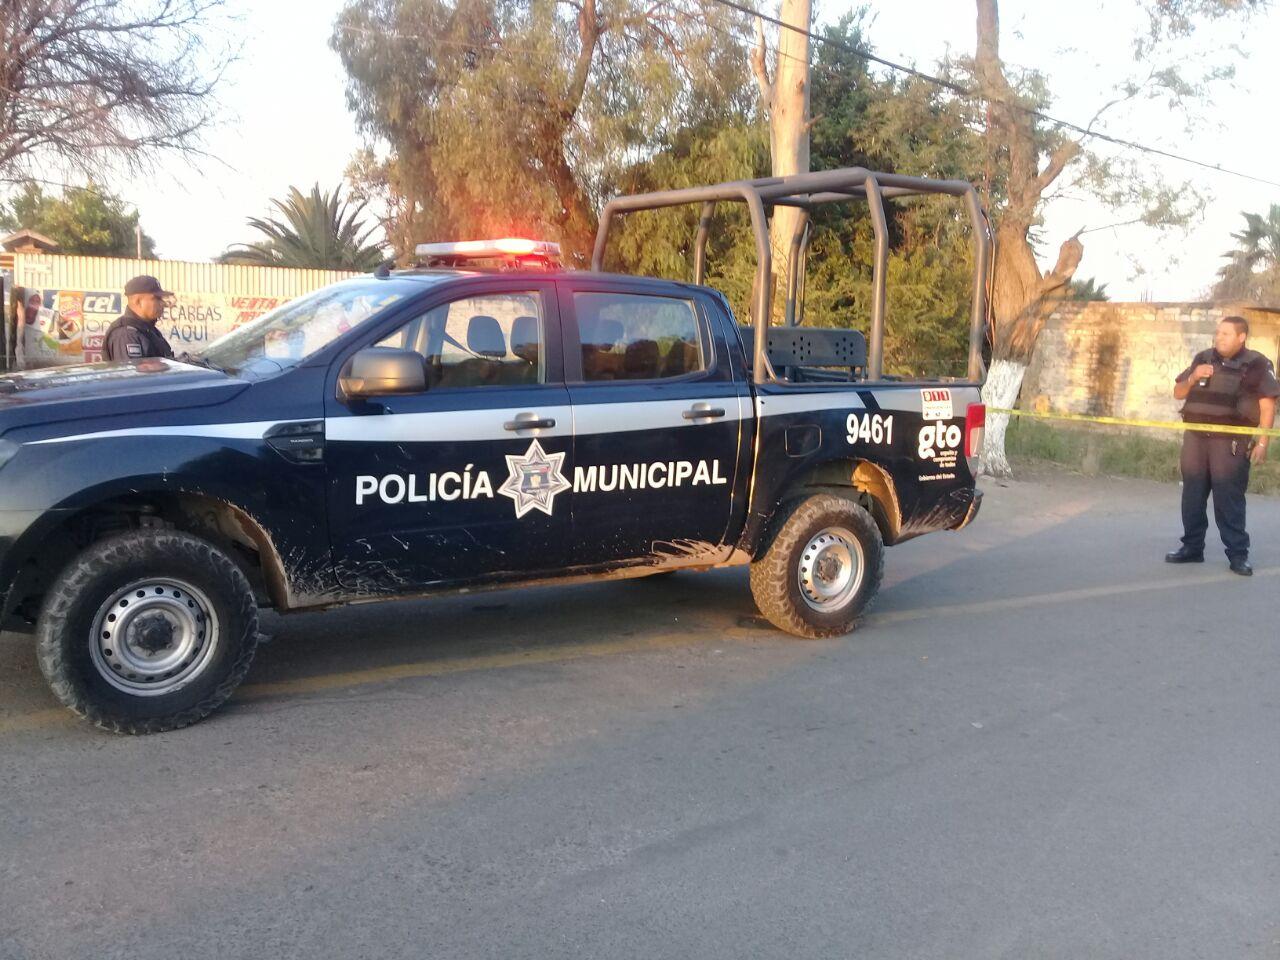 Emboscan y asesinan a tres policías municipales en Tomelópez, Irapuato